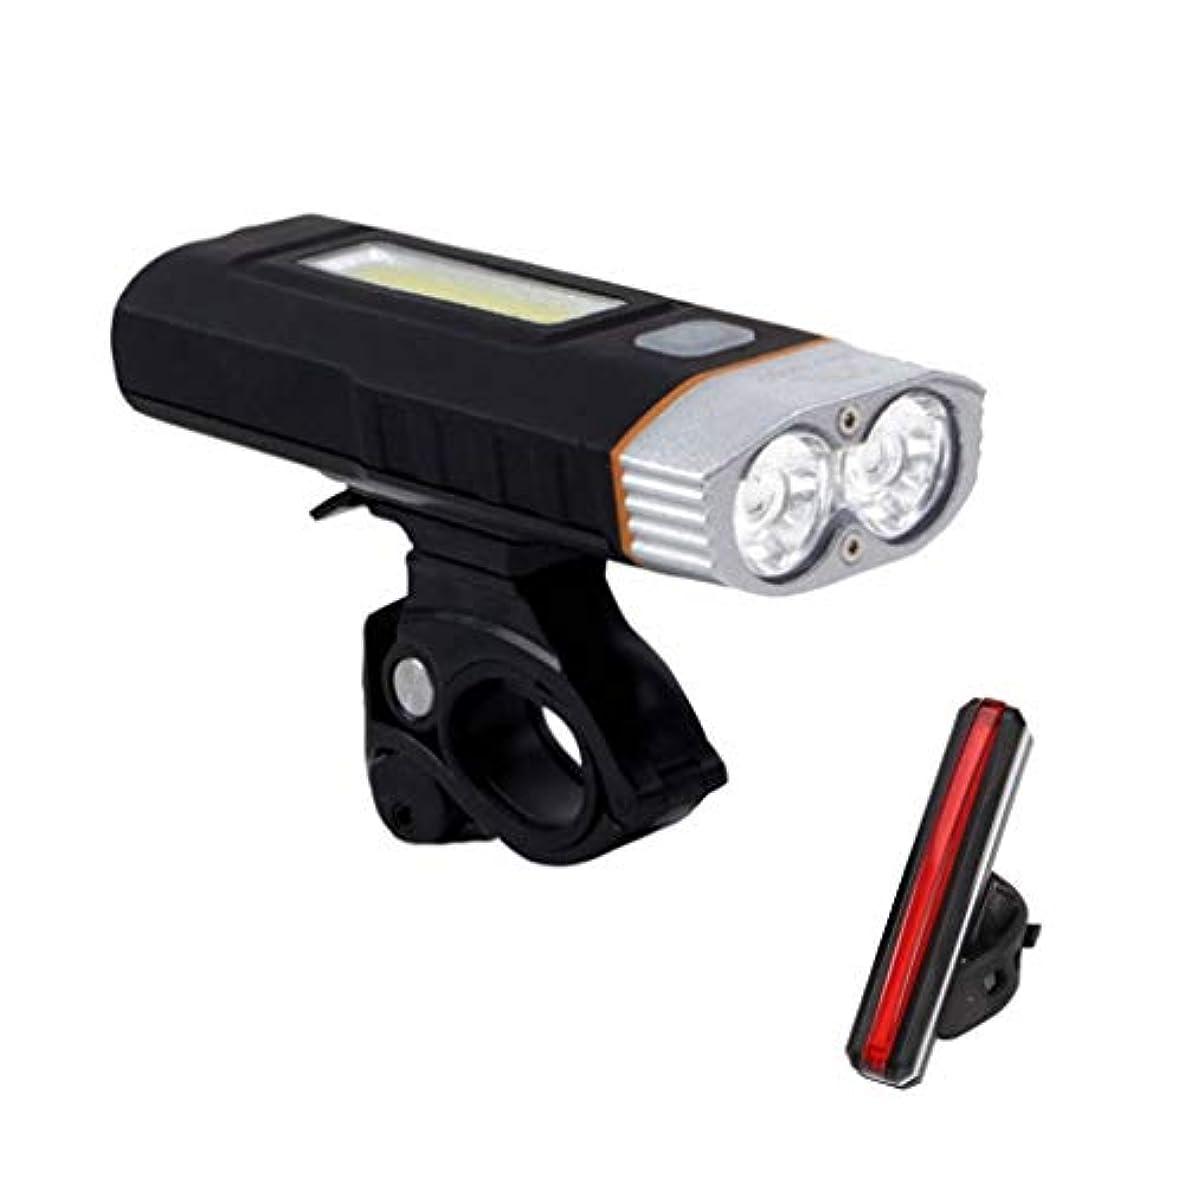 長さかもめ章自転車ライトセット USB充電式, マウンテンバイ クヘッドライト スーパーブライト 300ルーメン, 自転車ヘッドライト無料テールライト